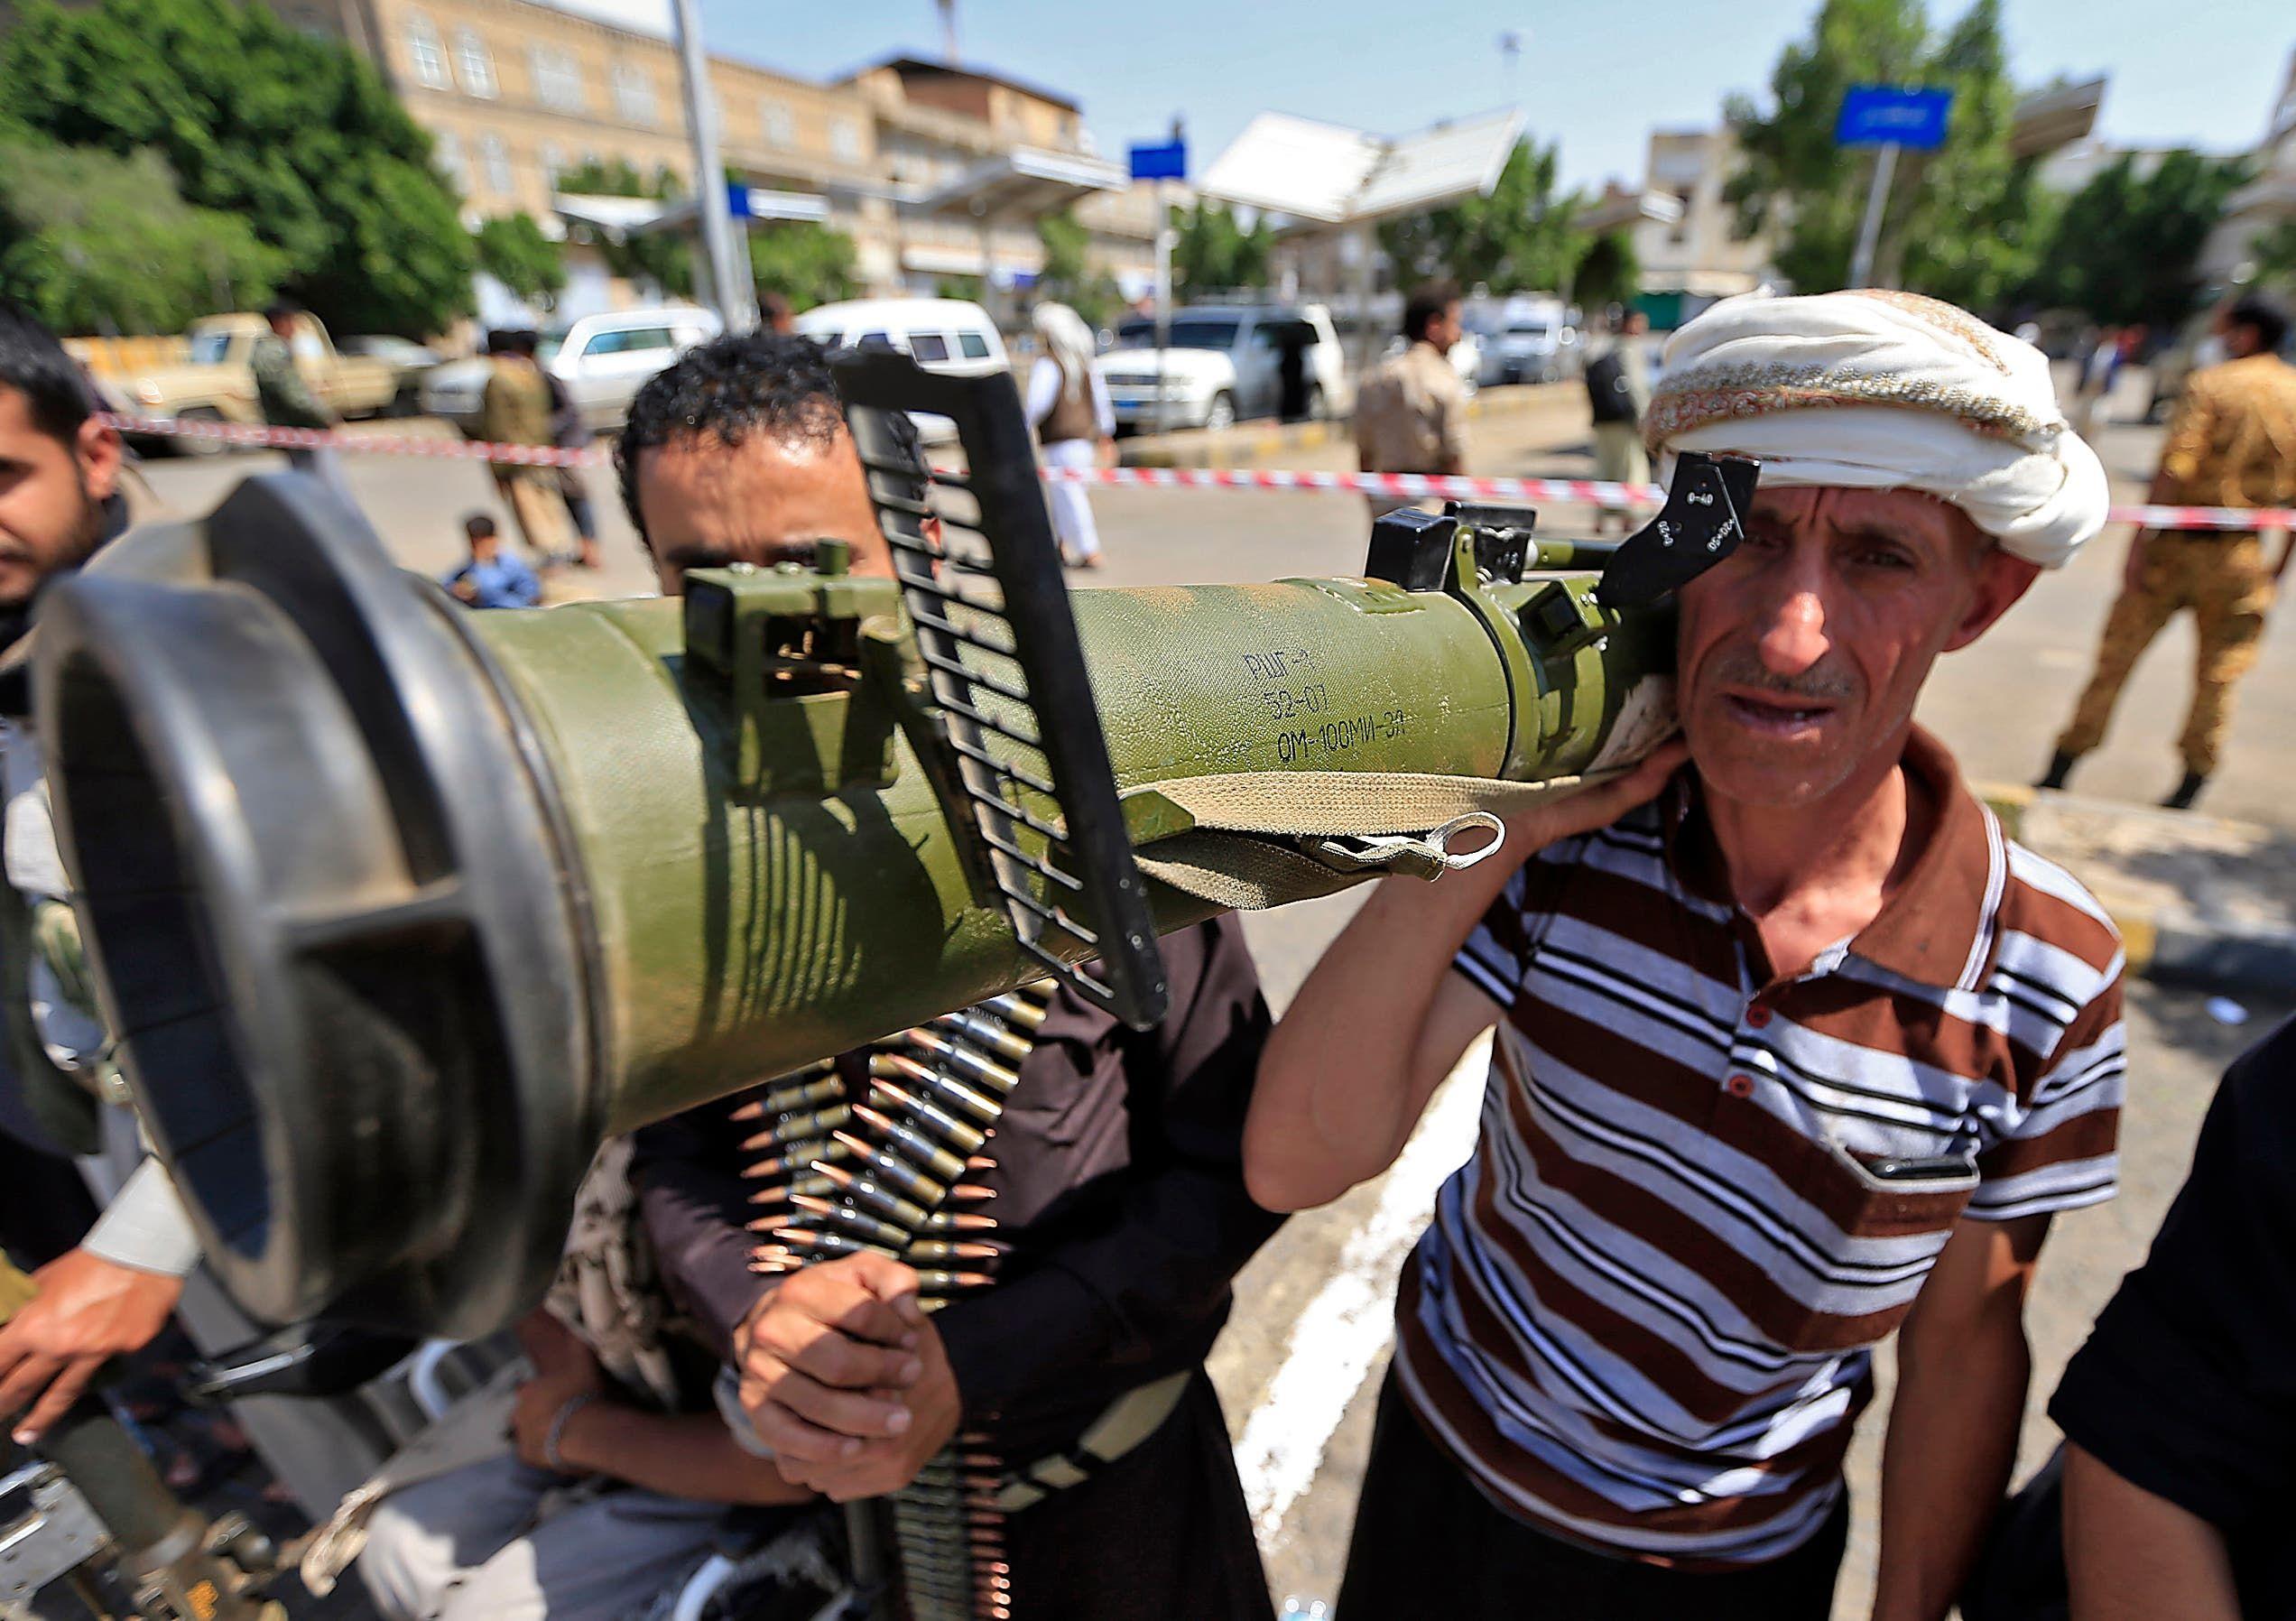 مقاتل حوثي يشهر سلاحاً مضاداً للمدرعات في صنعاء